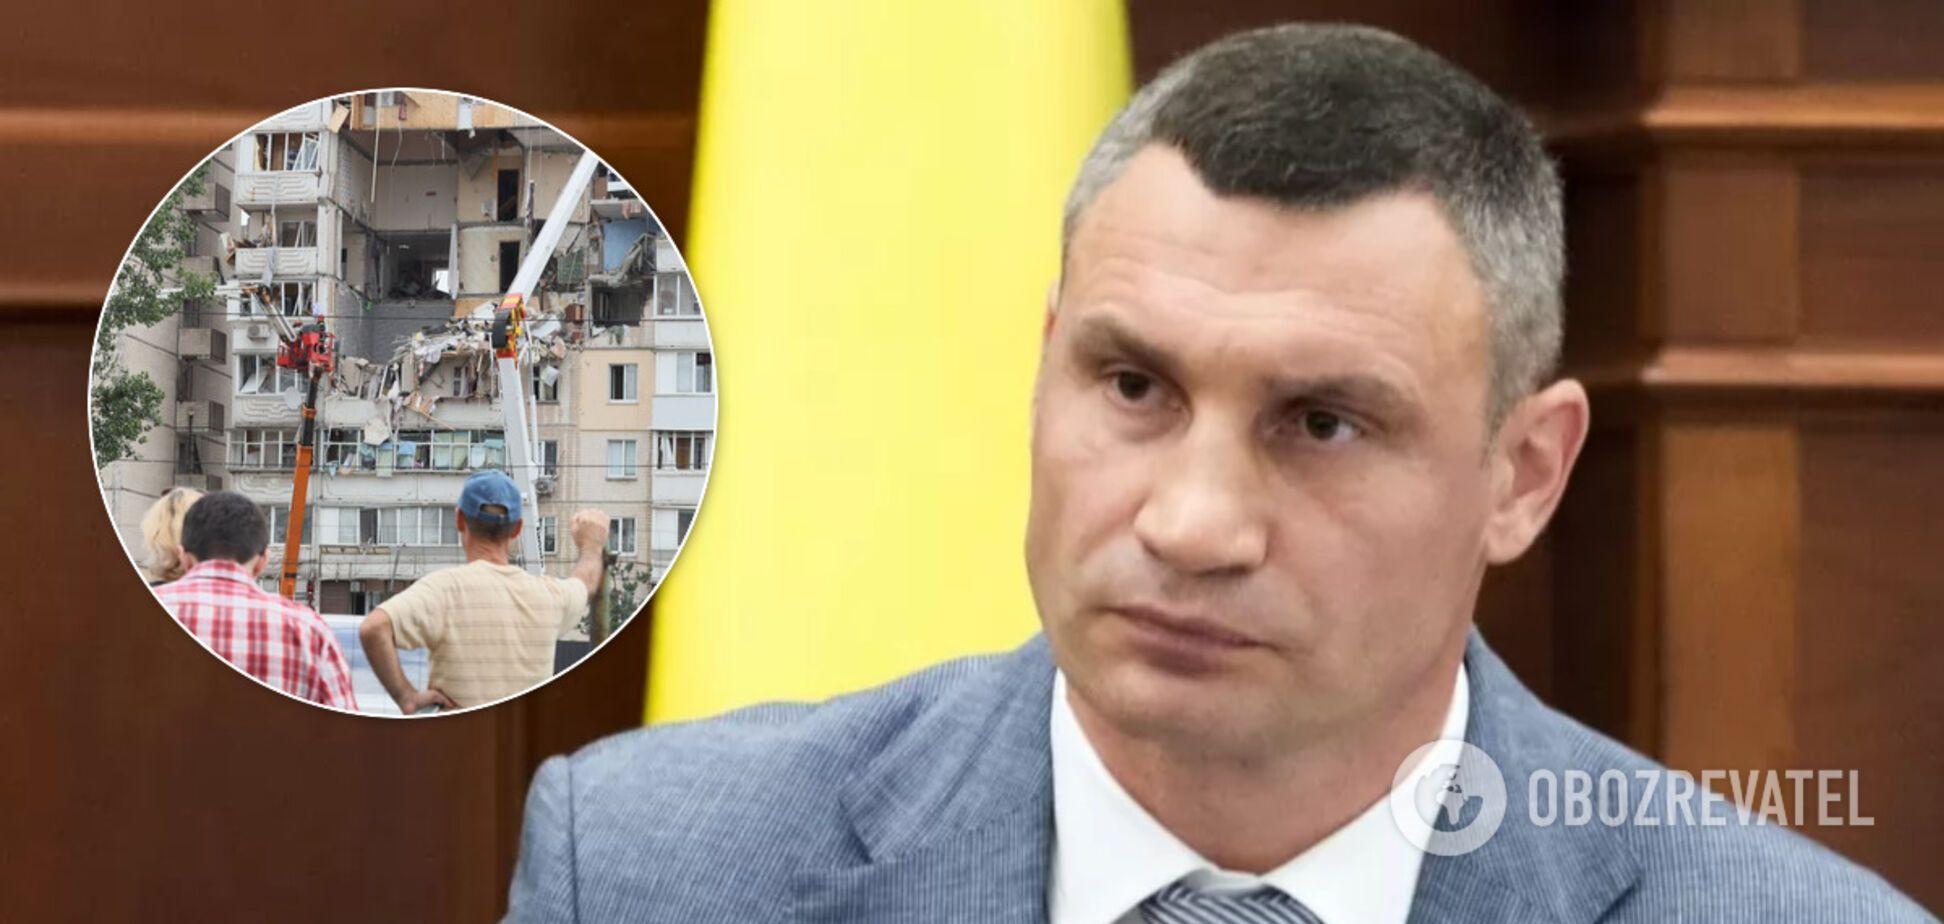 Київ виділив компенсацію 115 постраждалим від вибуху на Позняках, – Кличко